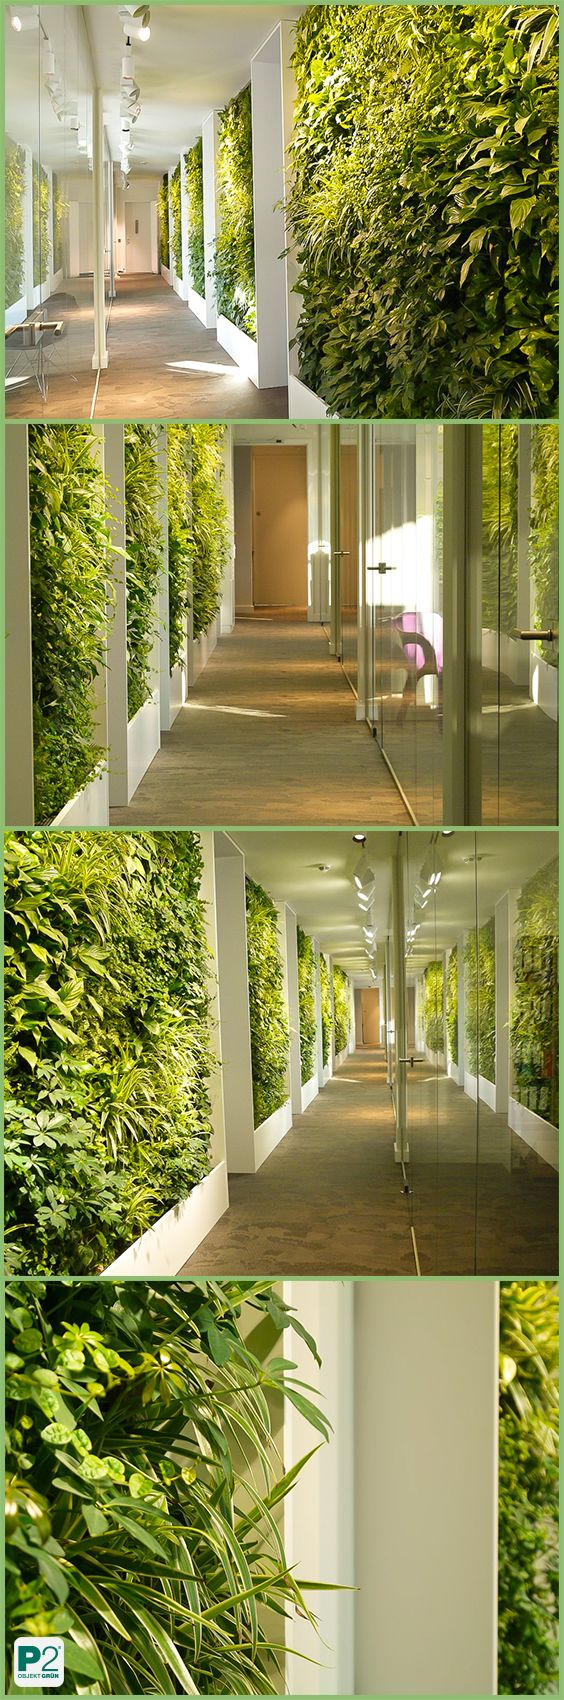 Verzauberkunst Wandgarten Innen Ideen Von Pflänzlein, Pflänzlein An Der Wand #wandgarten #vertikalebegrünung